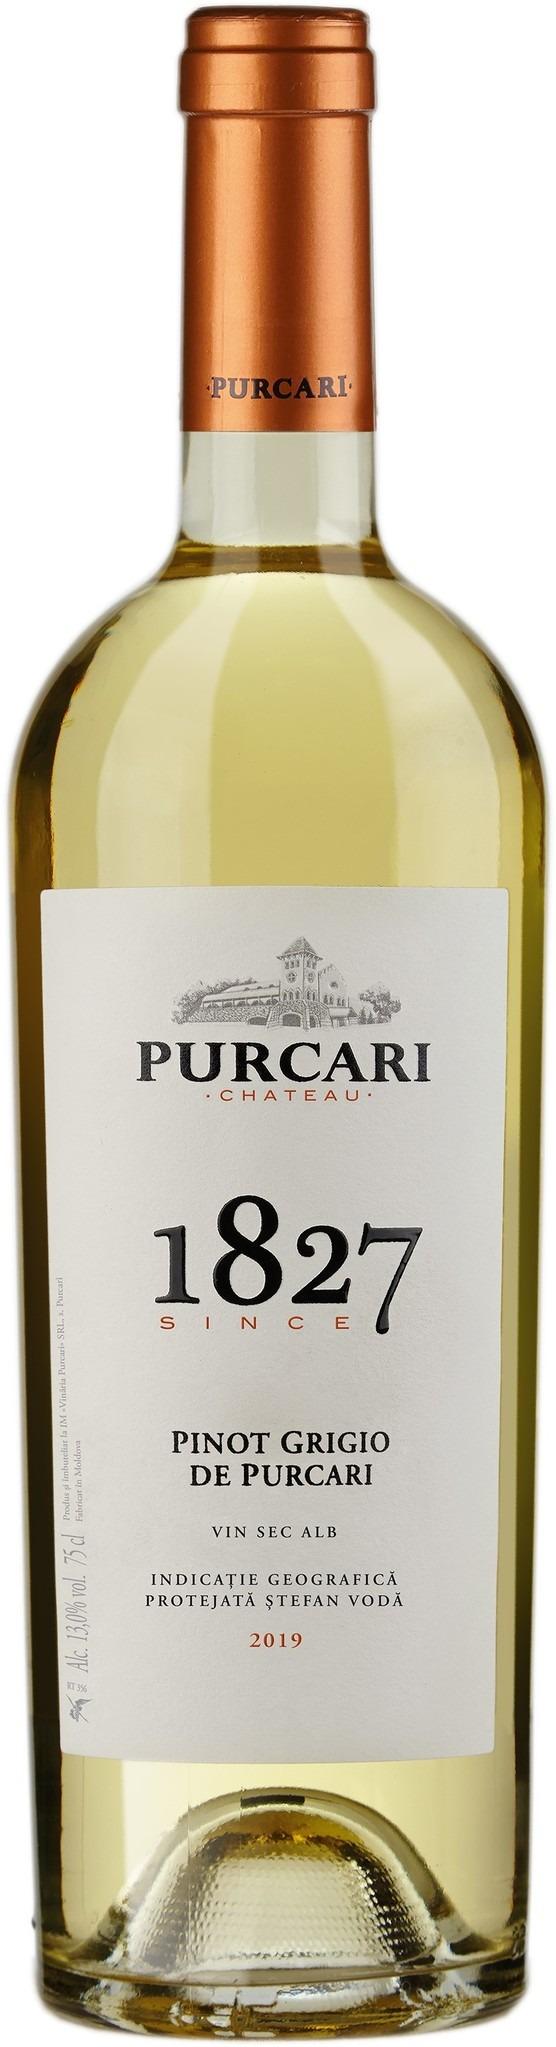 Purcari 1827 Pinot Grigio